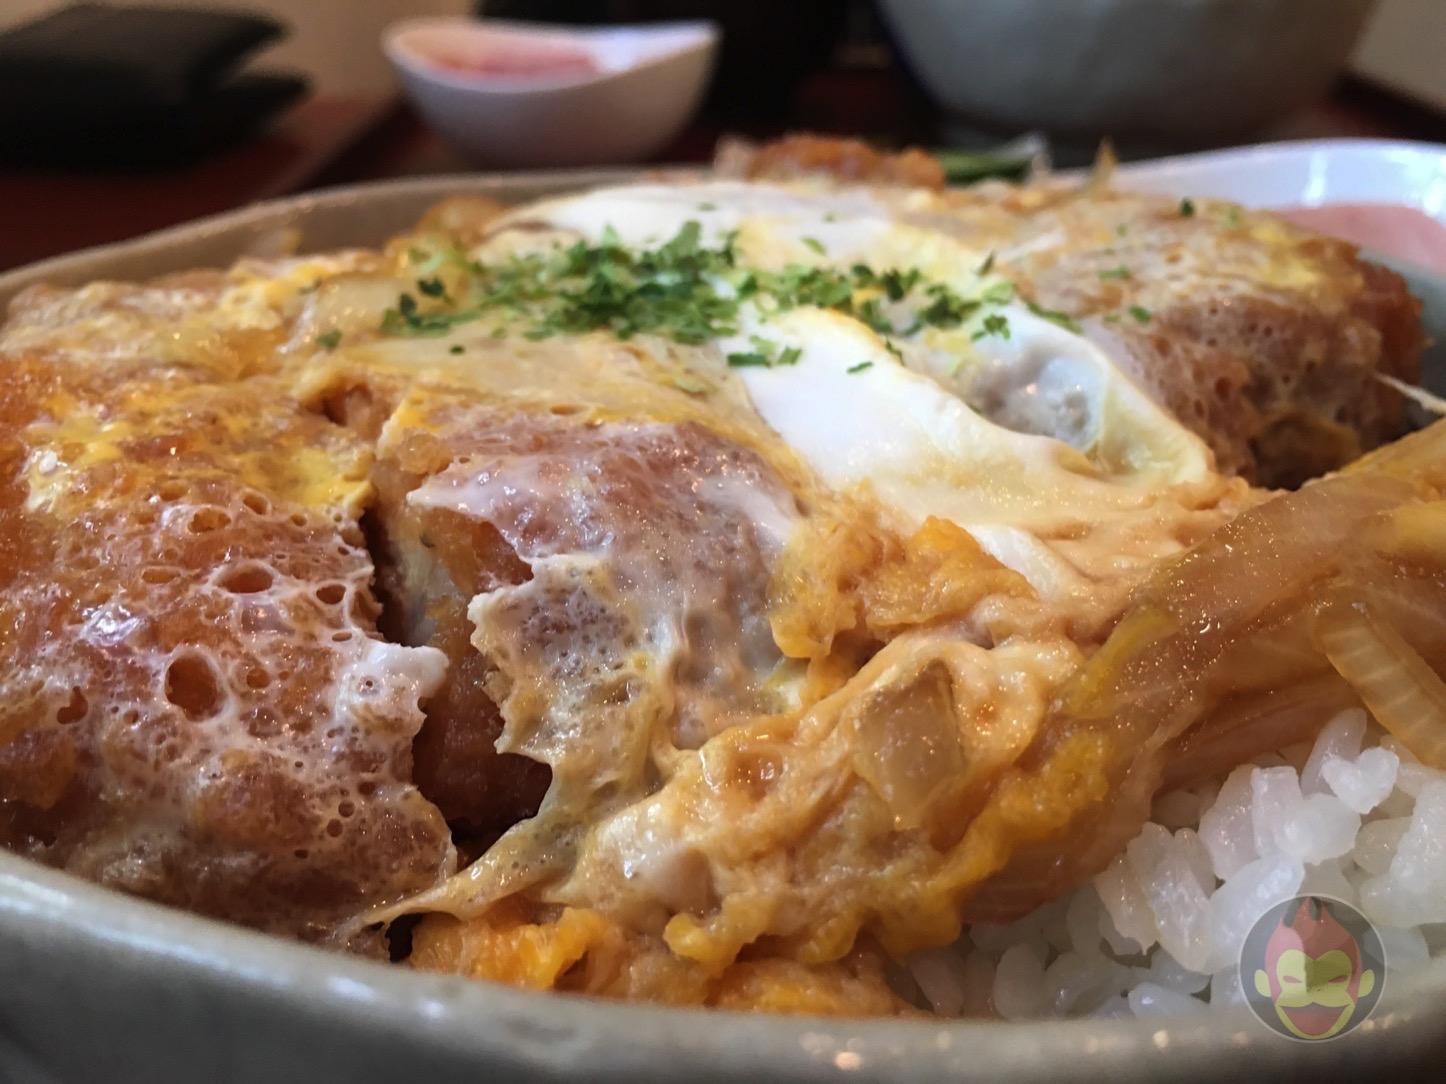 育風堂精肉店のカツ丼が美味しすぎる件